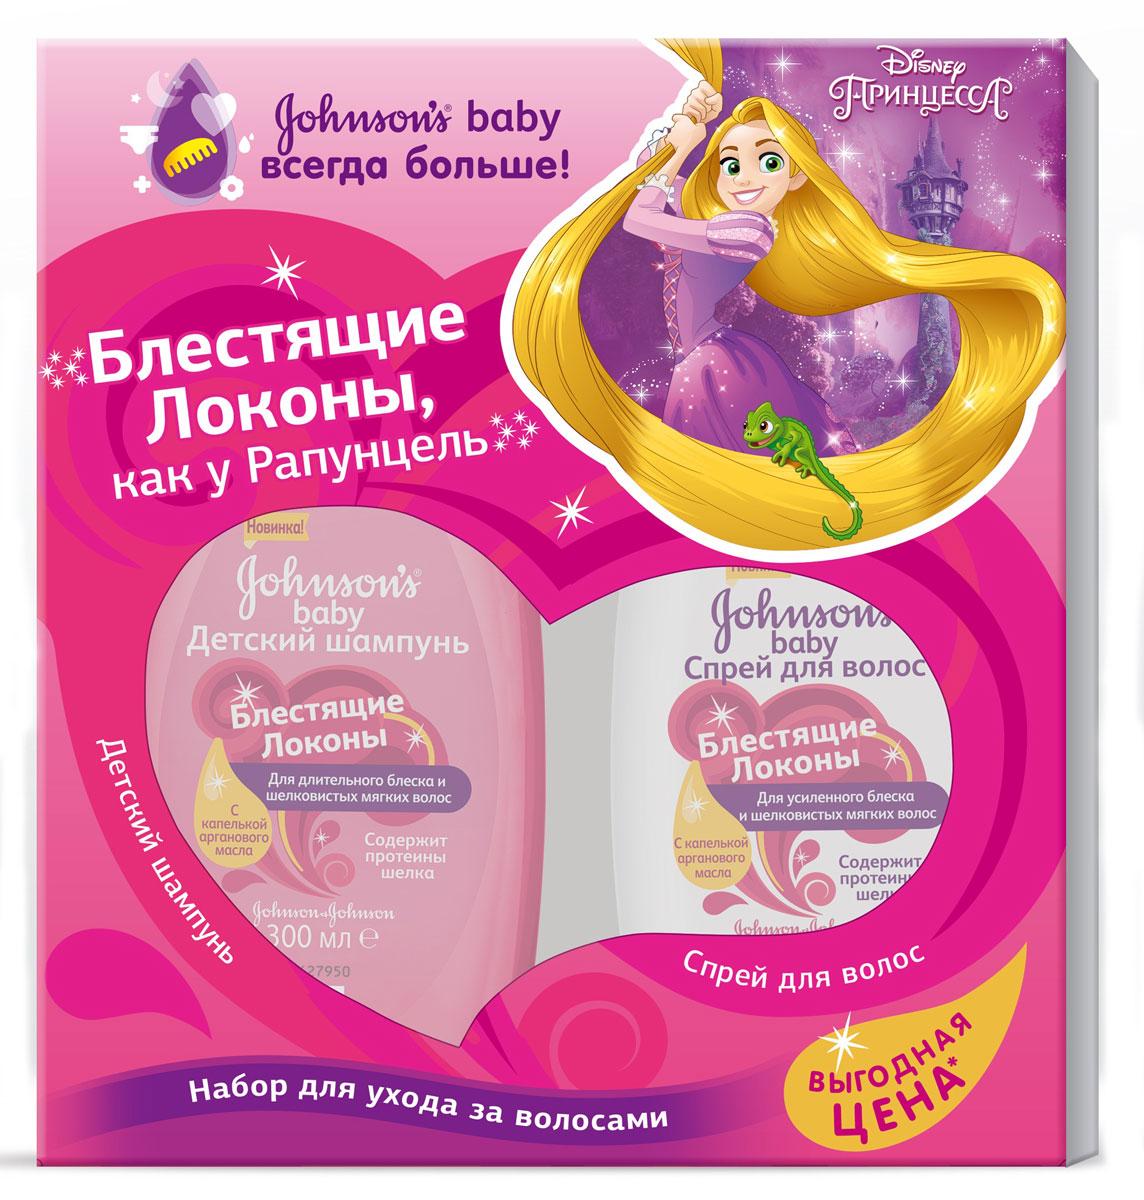 Johnson's baby Набор средств для волос Disney Блестящие локоны шампунь 300 мл спрей 200 мл